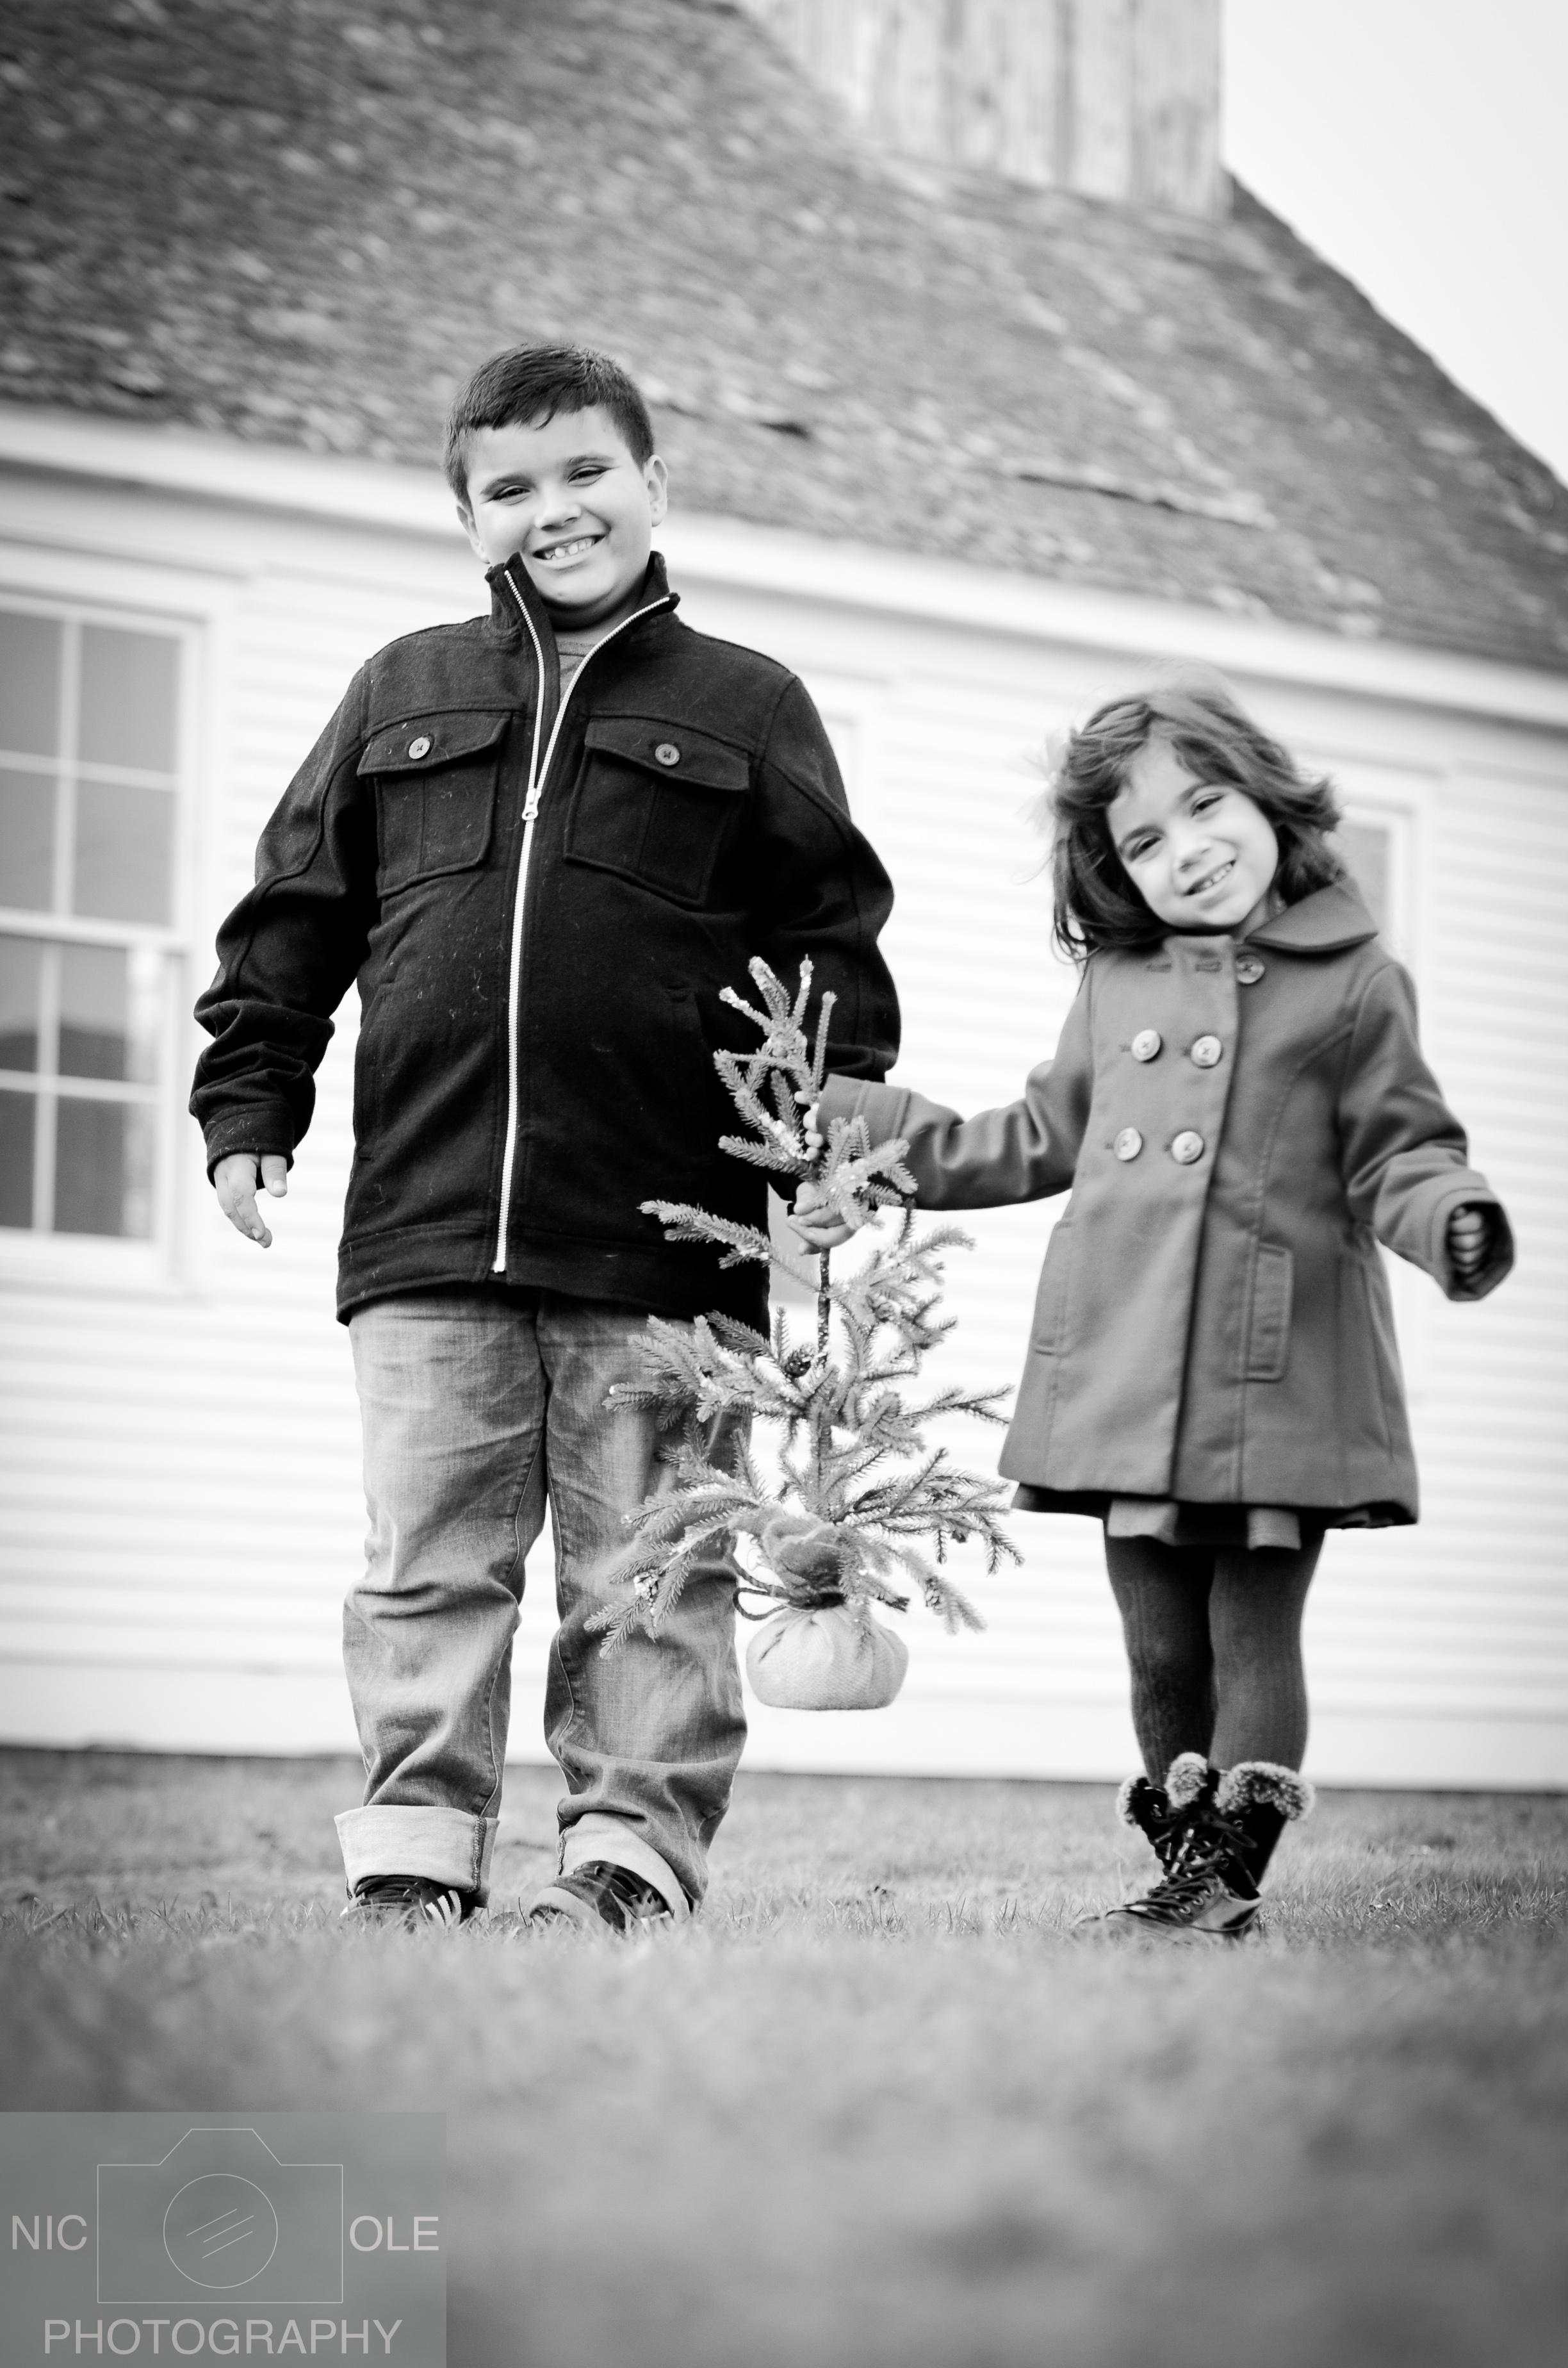 A&C Christmas Photos- Nic.Ole Photography-5.jpg